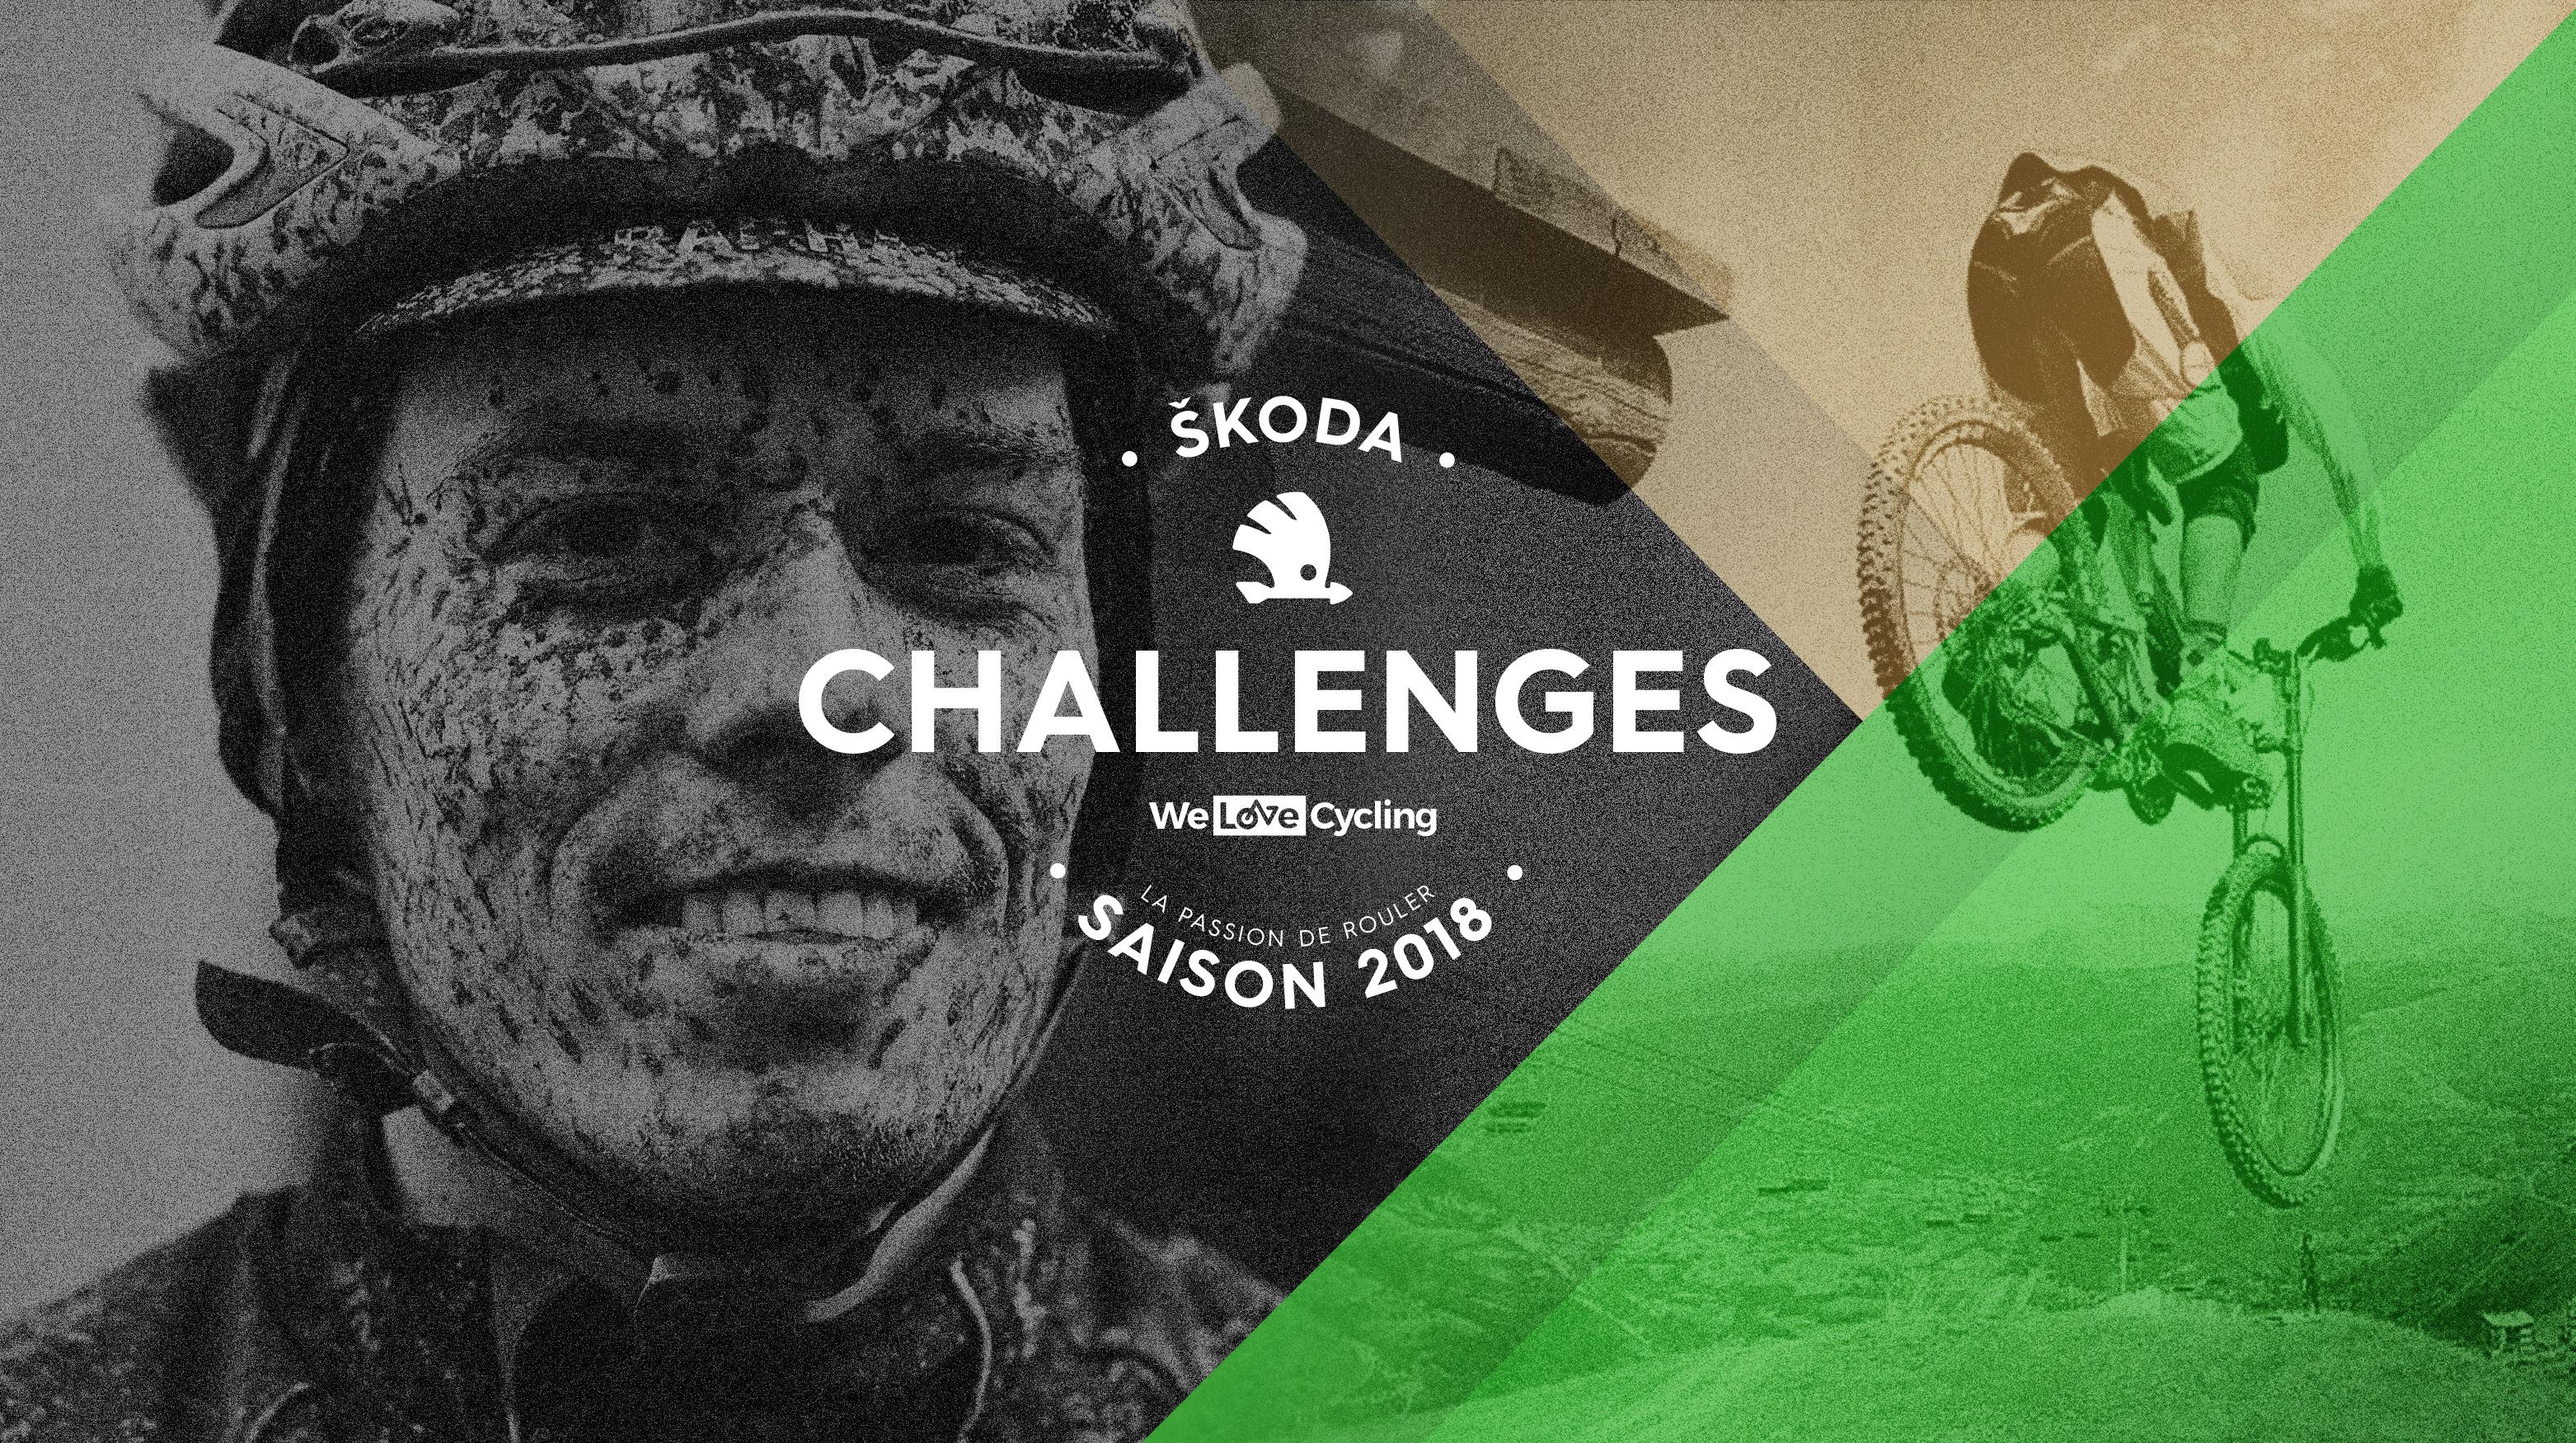 KV-CHALLENGES_VTT